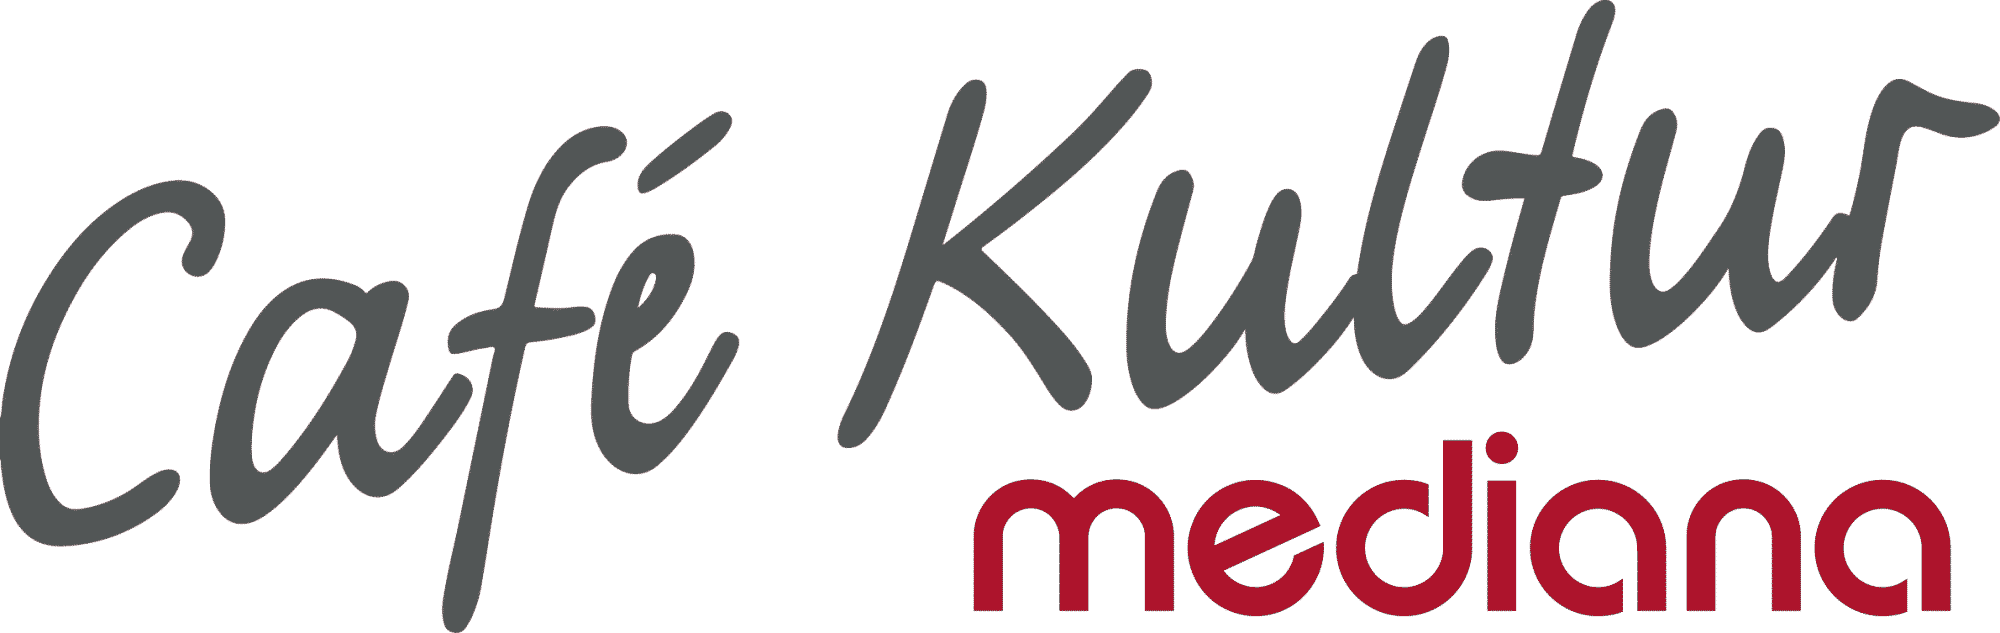 Cafe-Kultur